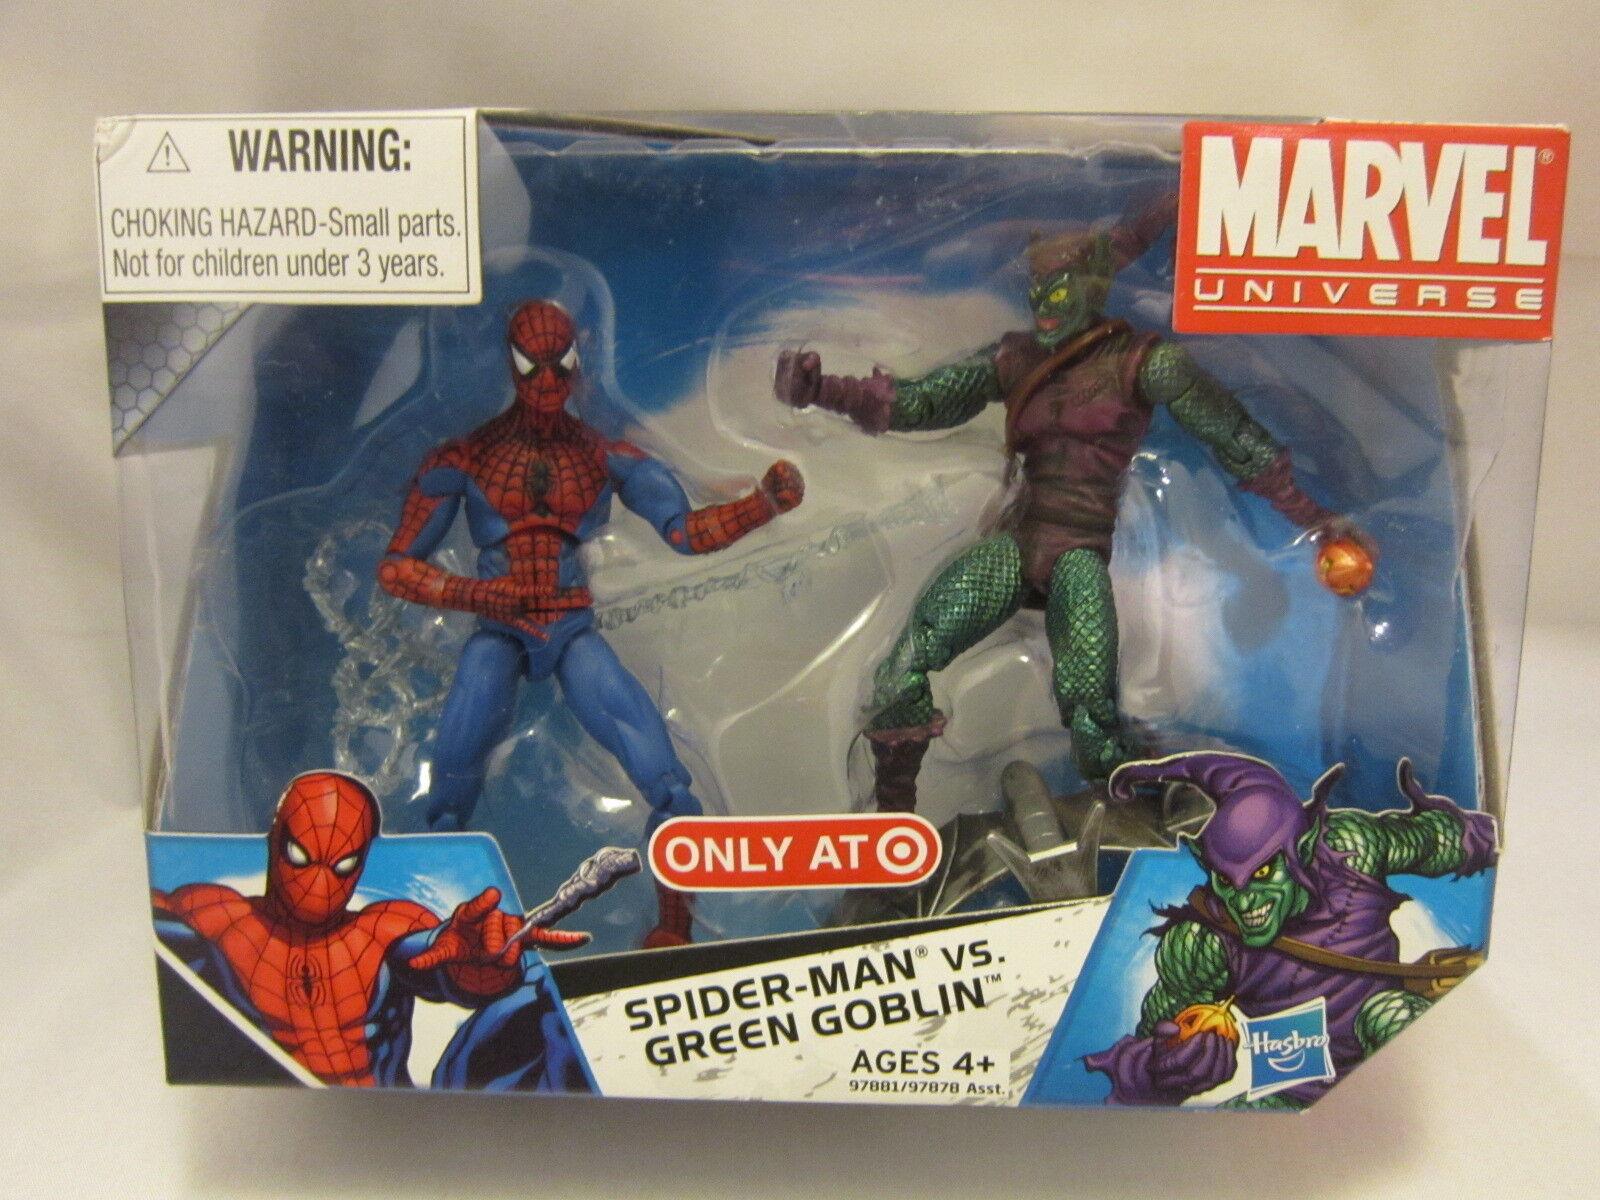 Marvel - universum  spider - man  vs. Grün goblin eine exklusive